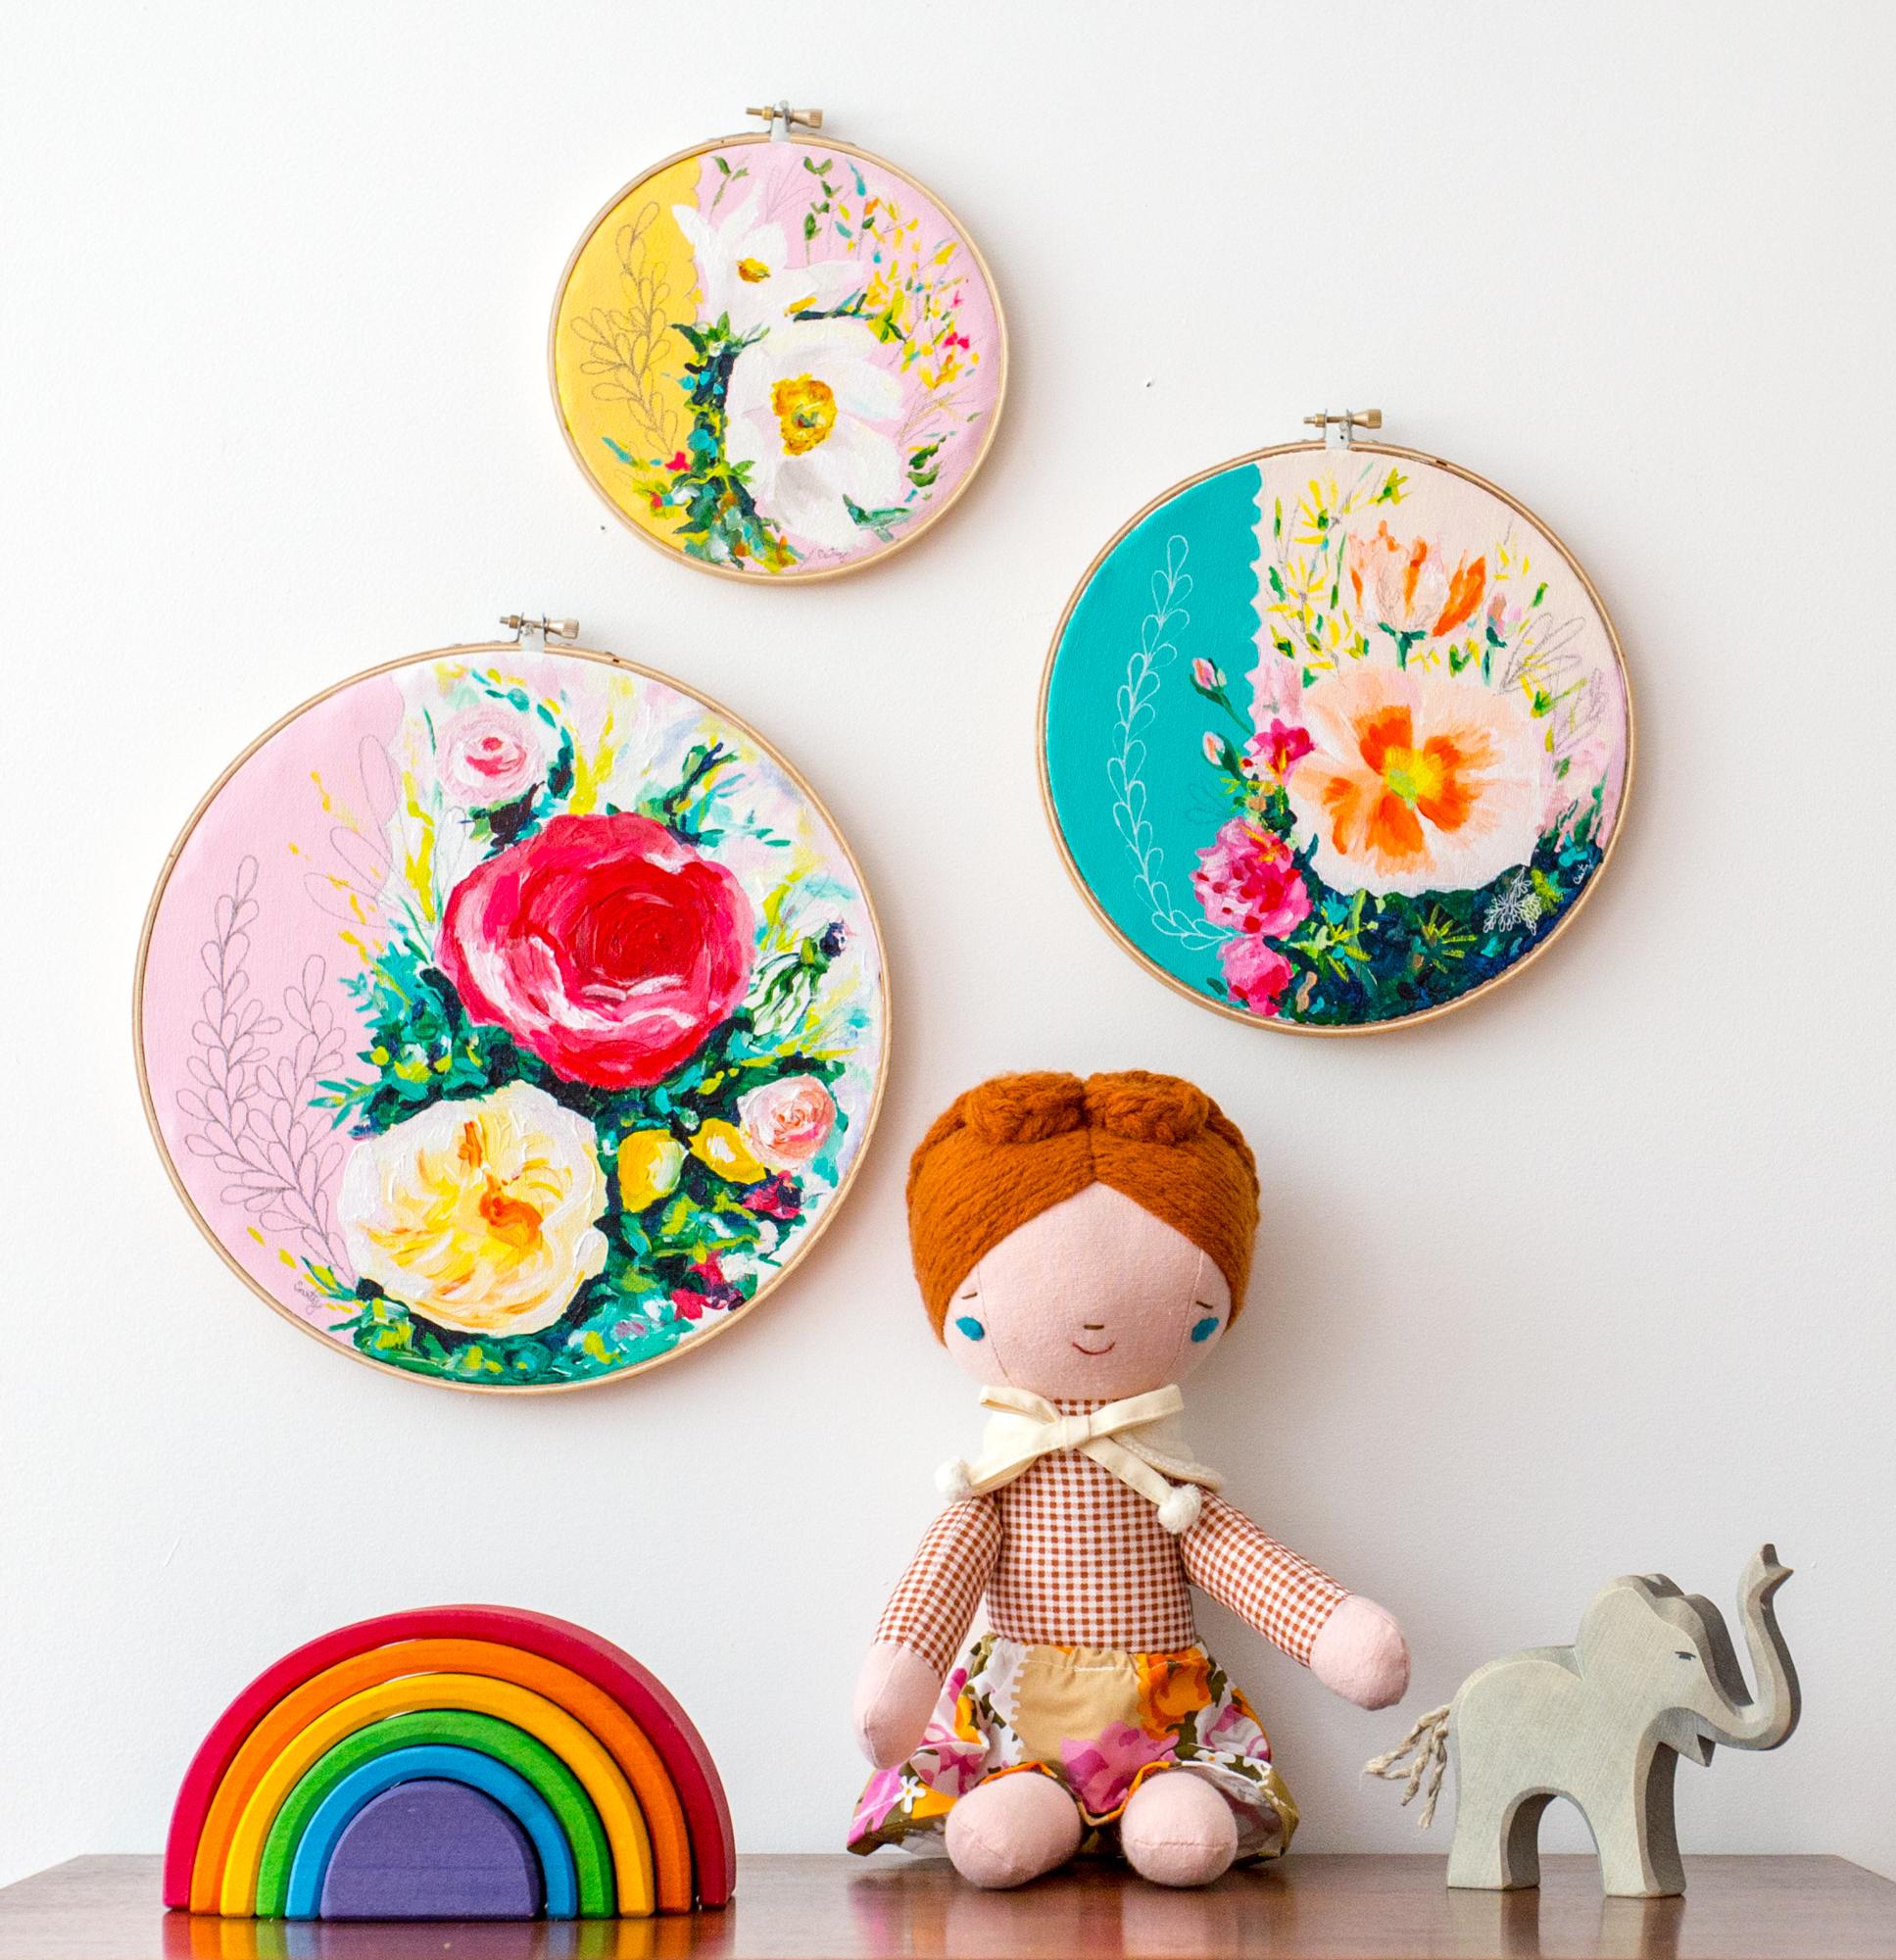 embroidery hoop art, original floral paintings by Megan Carty, girl's nursery art